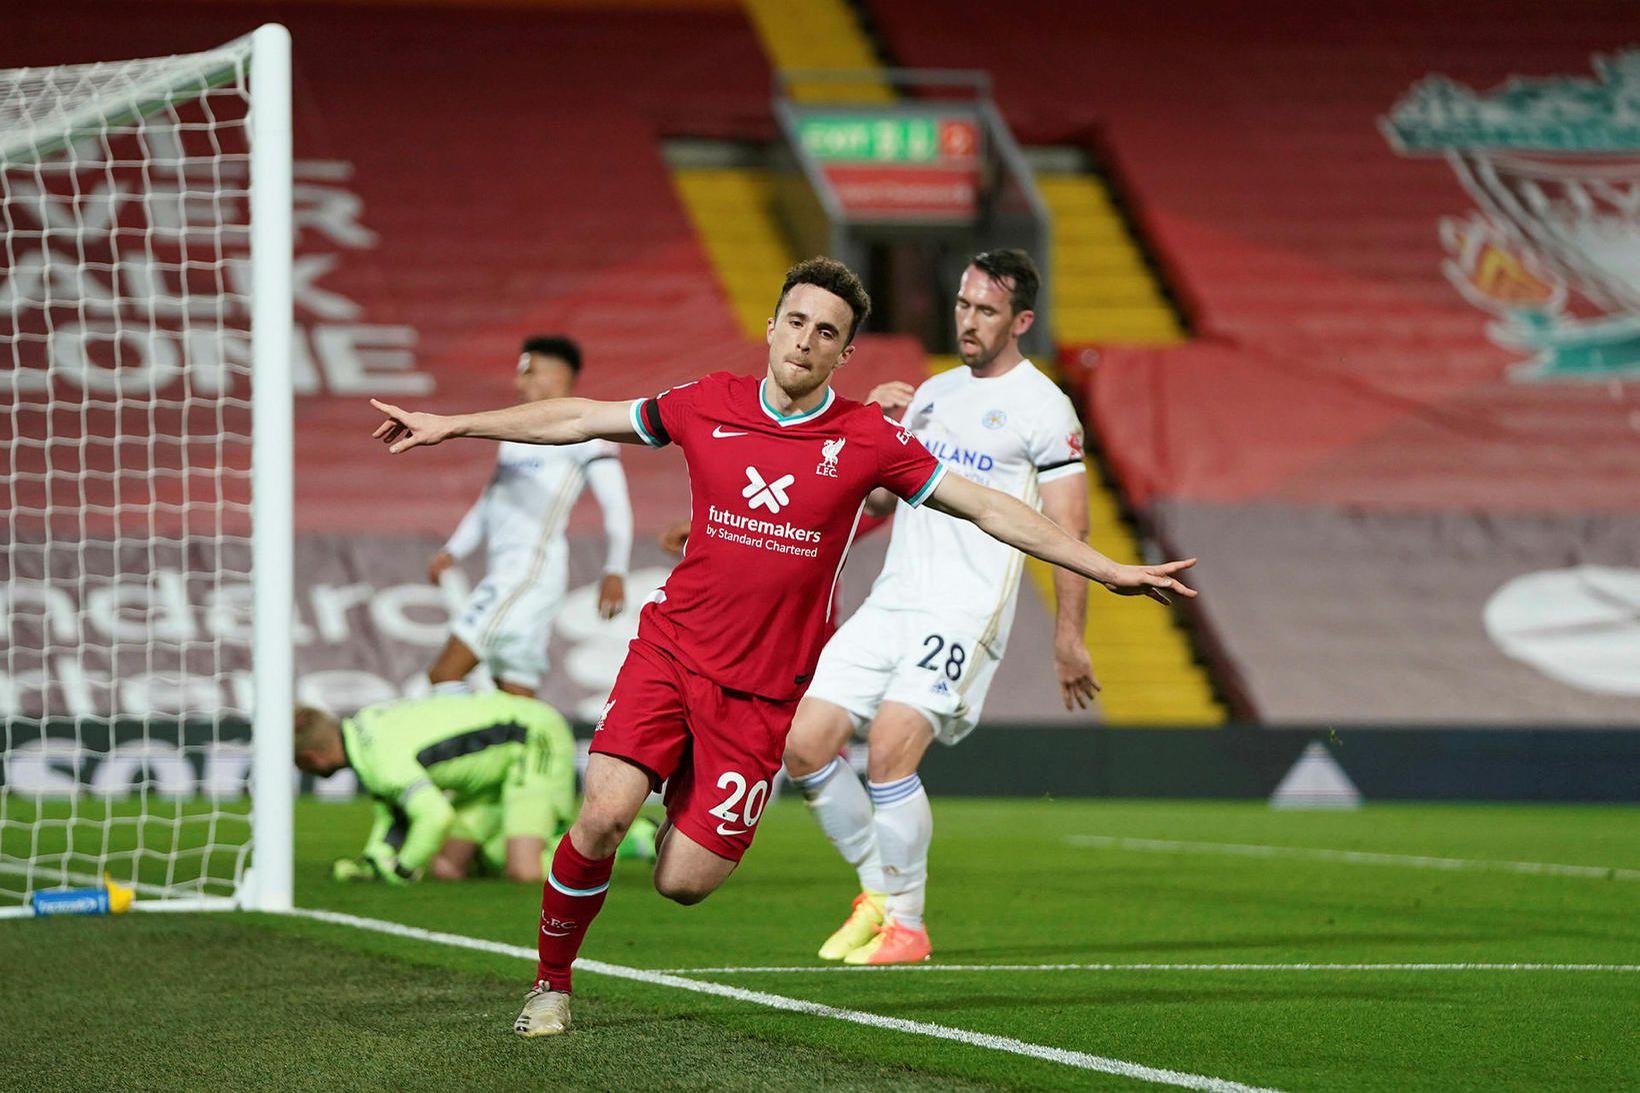 Diogo Jota fagnar marki sínu gegn Leicester á Anfield í …